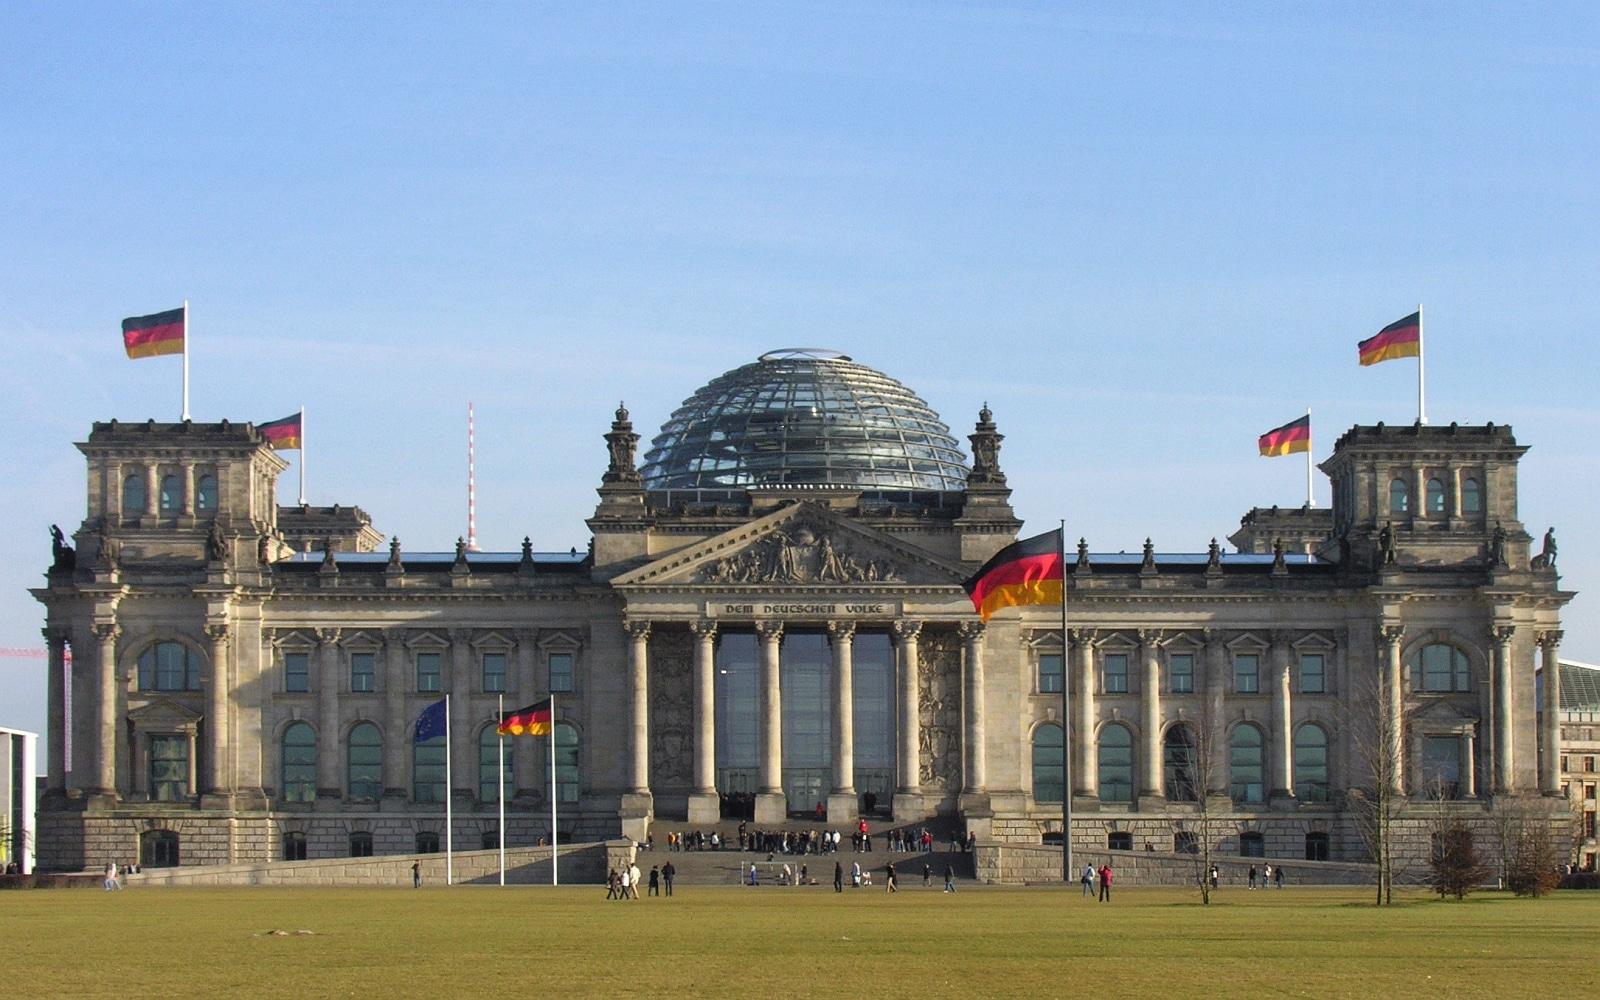 Der Deutsche Bundestag Plenarsaal Gebäude Reichstagsgebäude Platz Der Republik Berlin Foto 2009 Wolfgang Pehlemann Steinberg DSCN9832 1